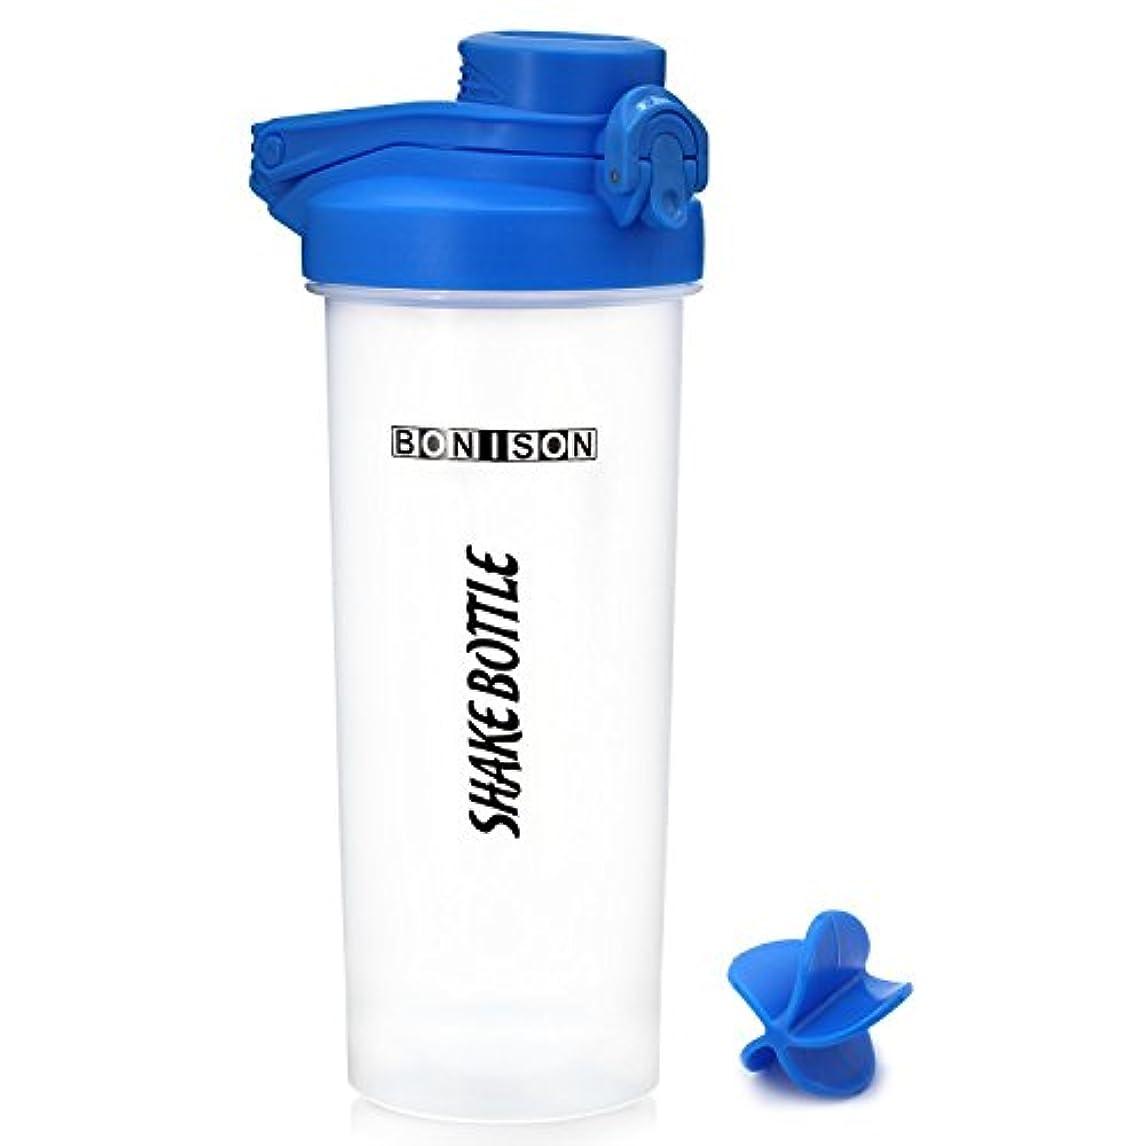 メロドラマ幼児扇動最新24オンスツイストキャップShakeボトルBPAフタル酸とプラスチックMixer ProteinスムージーShakesパウダーMix Shaker Bottle with Hanldle COMIN18JU084934